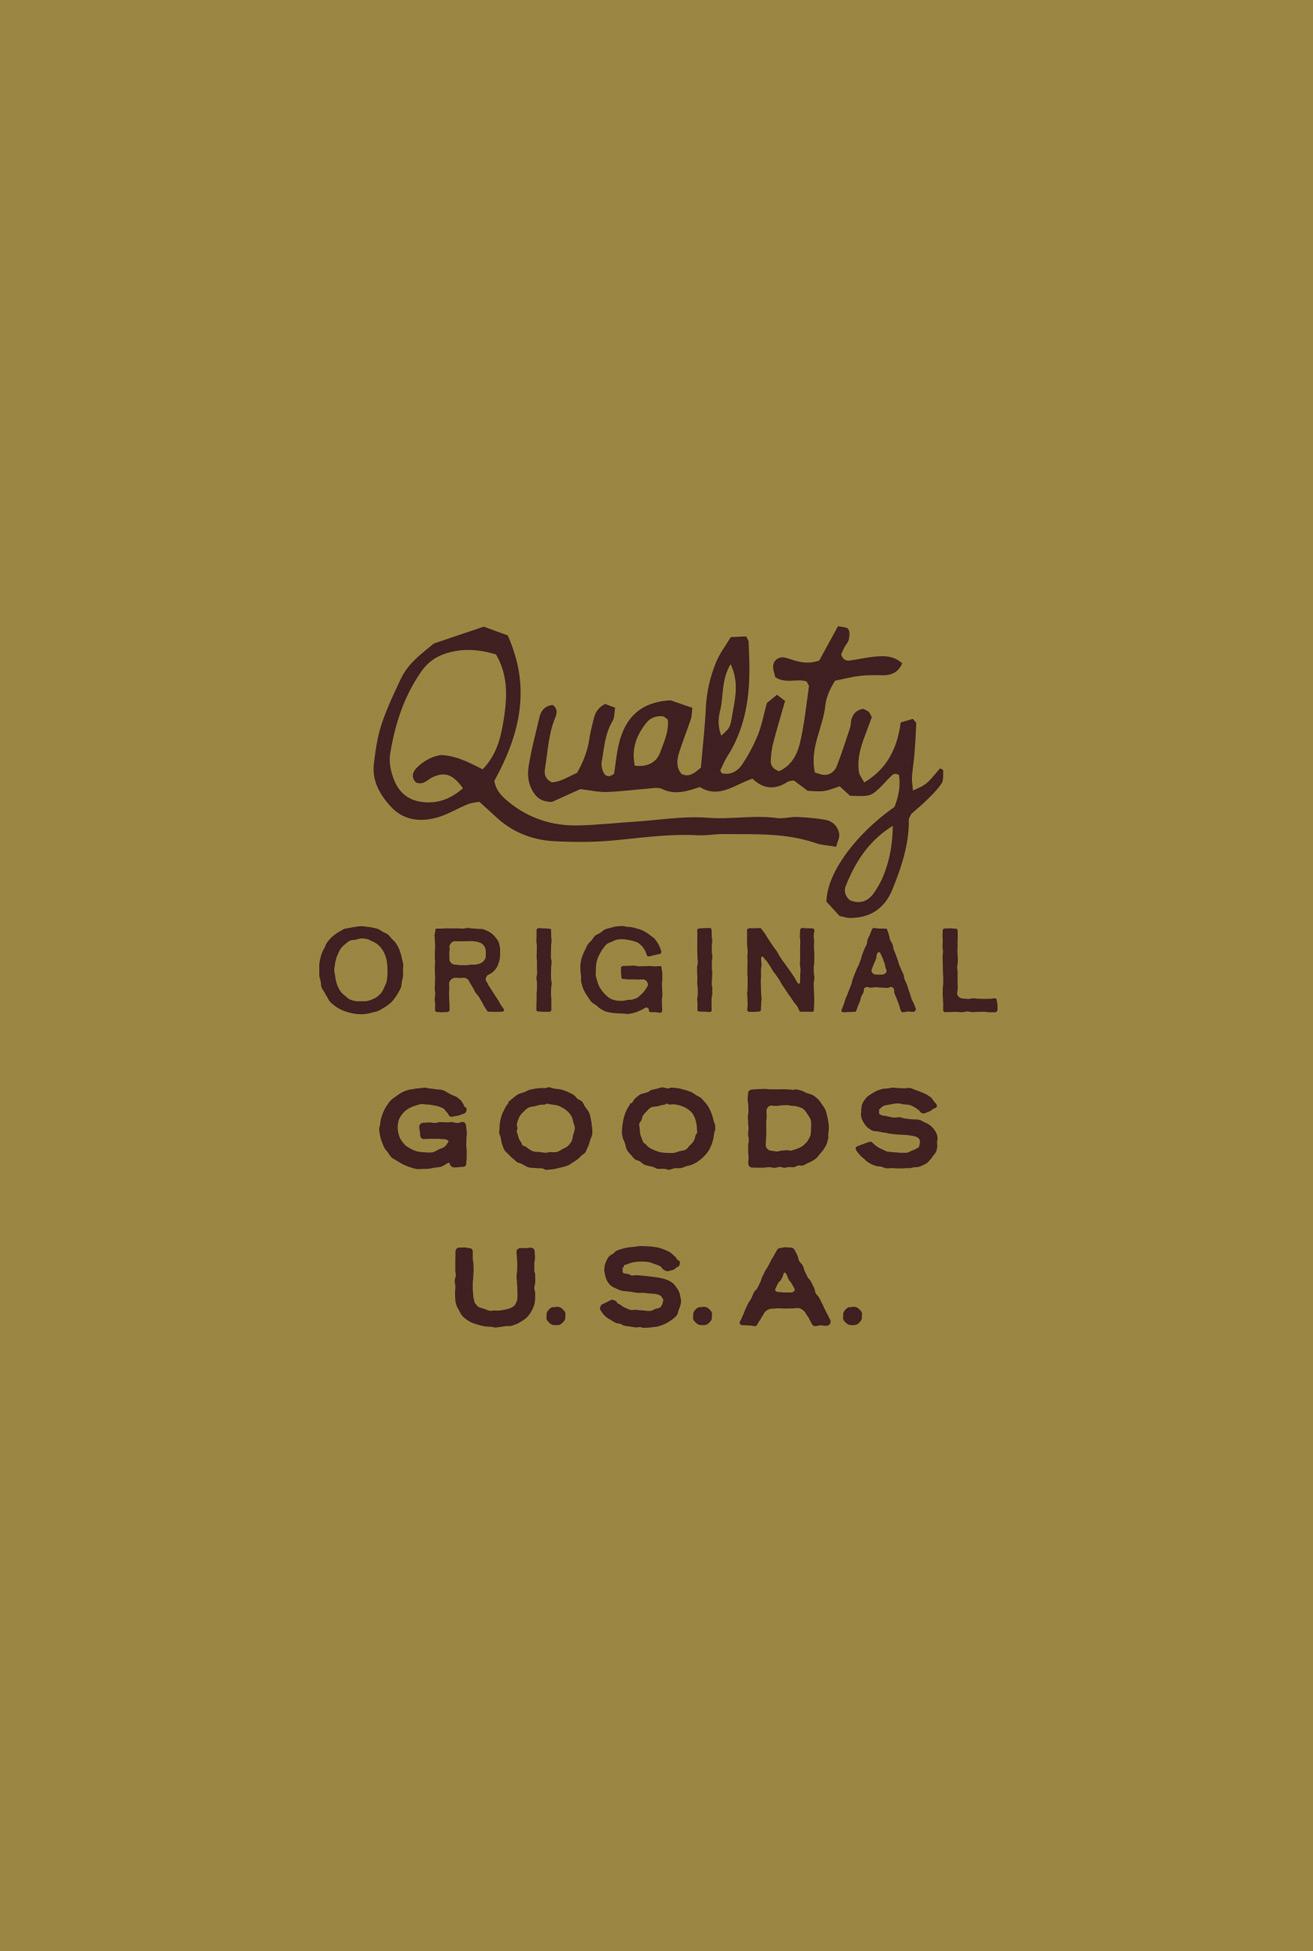 jmmartin-vert_quality-goods.jpg